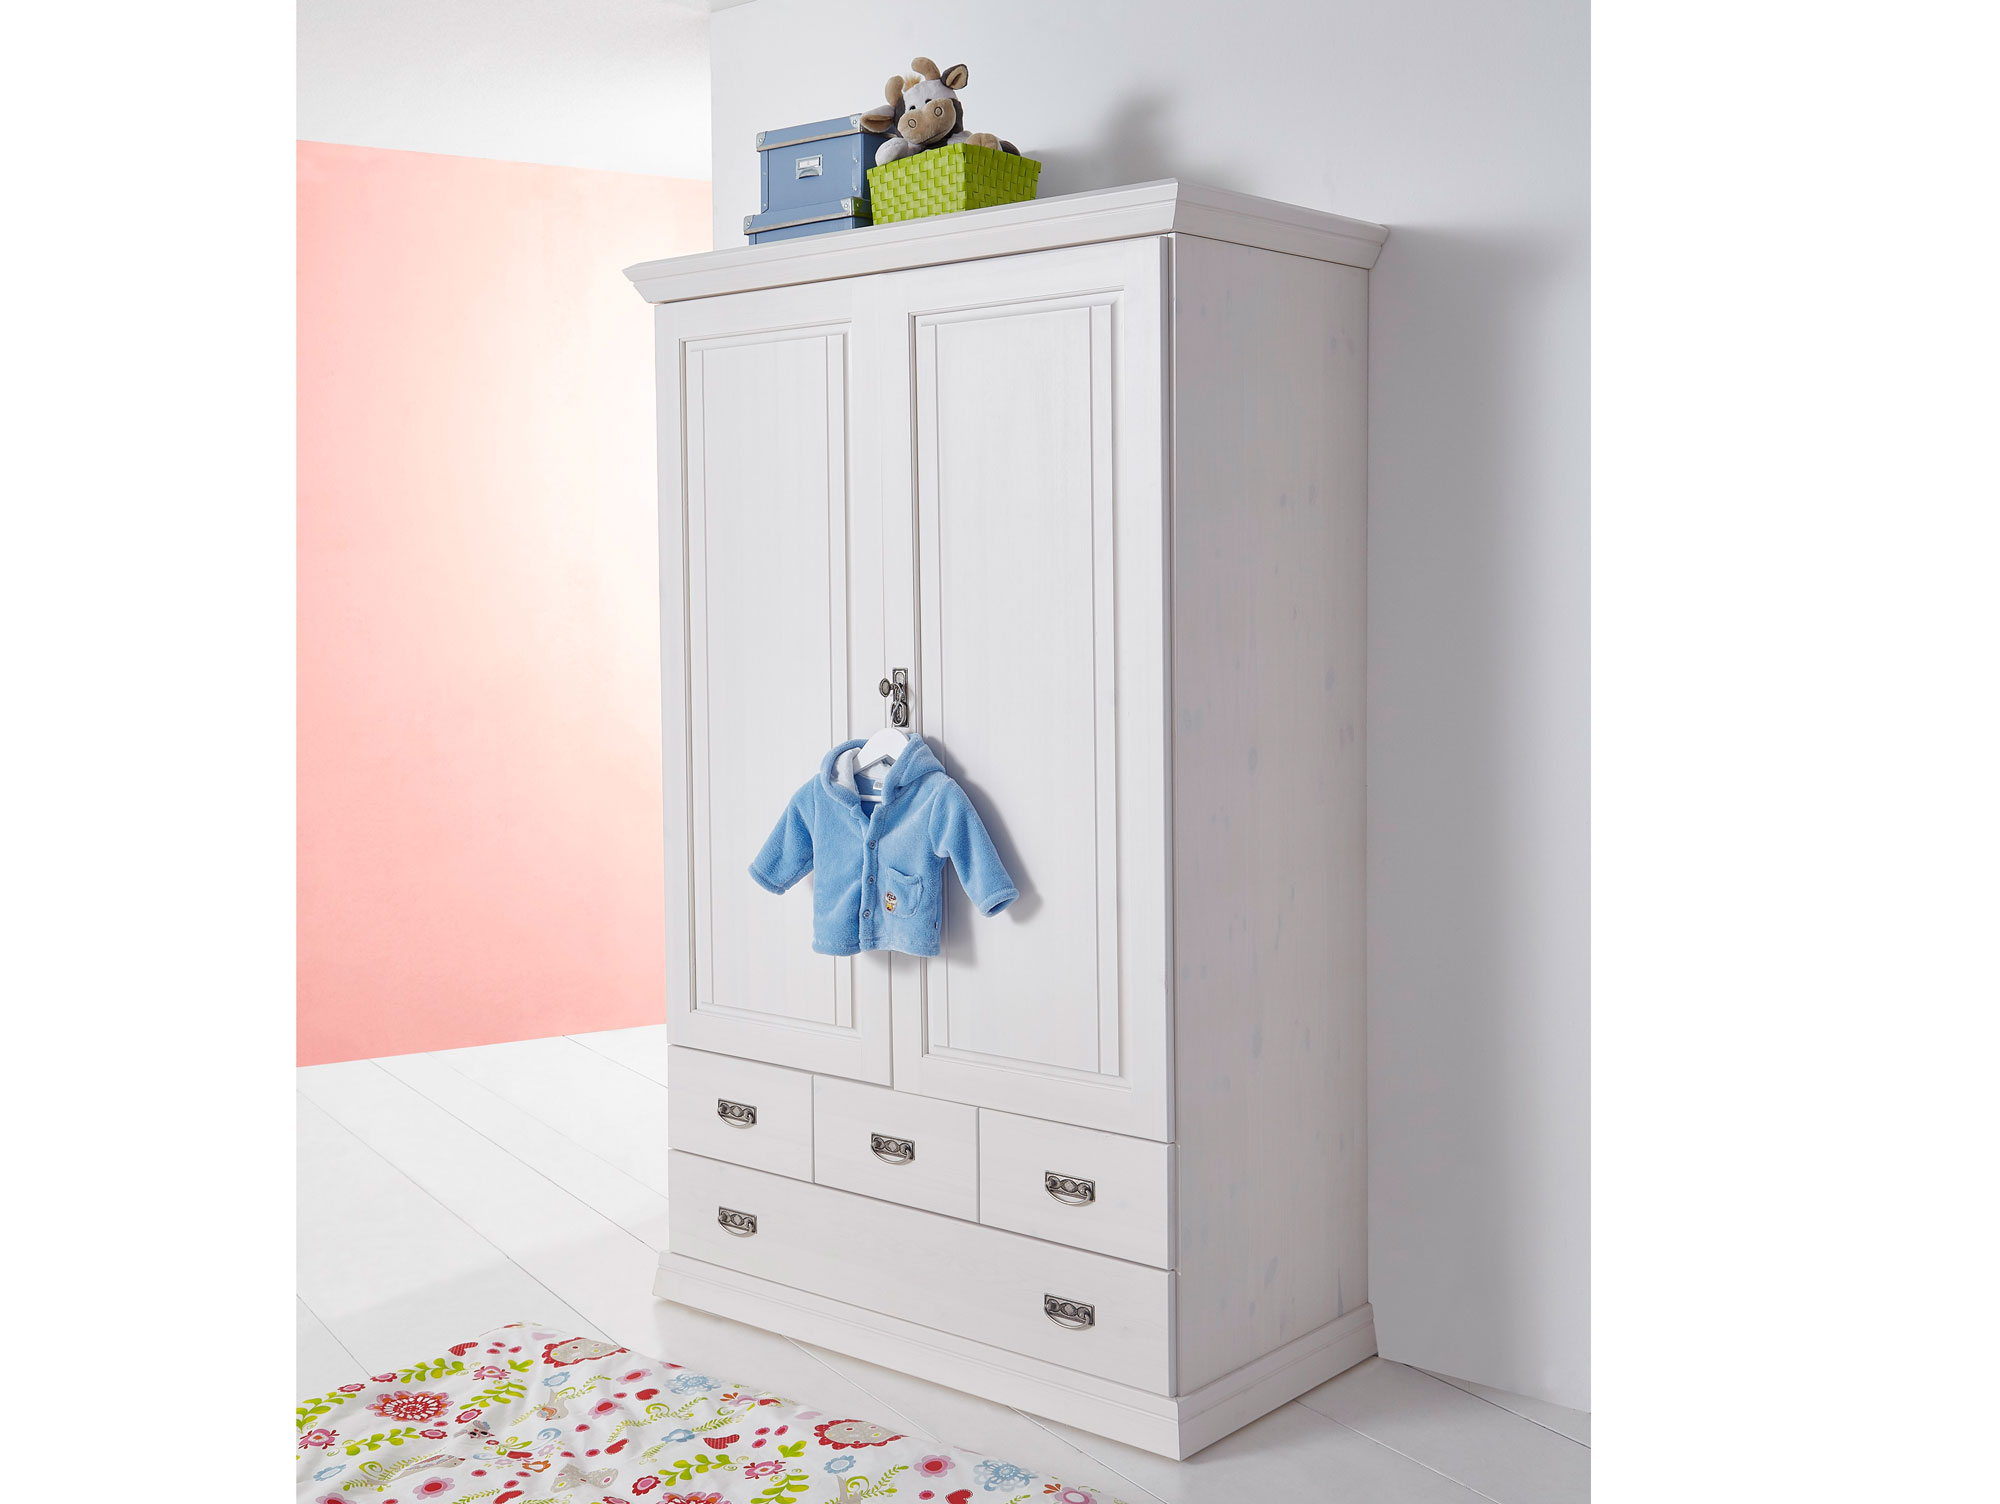 ODETTE Wäscheschrank 2trg, massiv/weiß gewachst